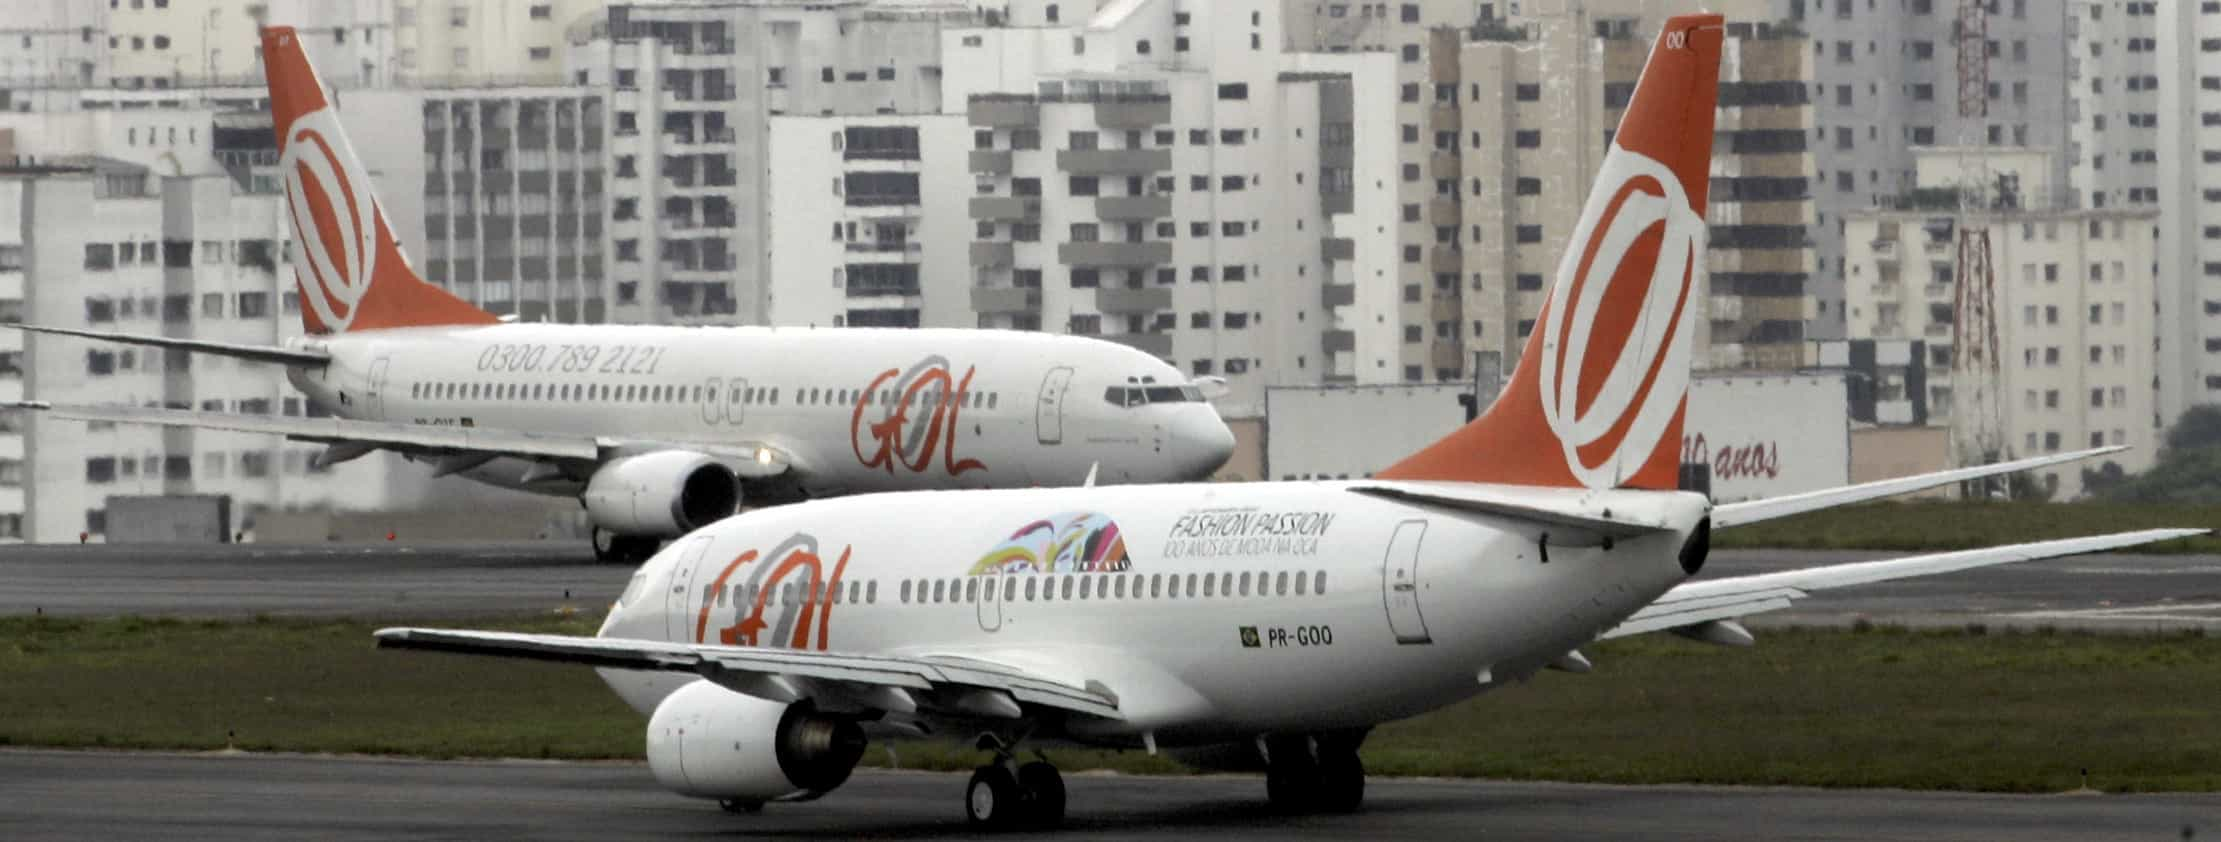 Brasileira GOL suspende uso do Boeing 737-8 MAX após acidente na Etiópia